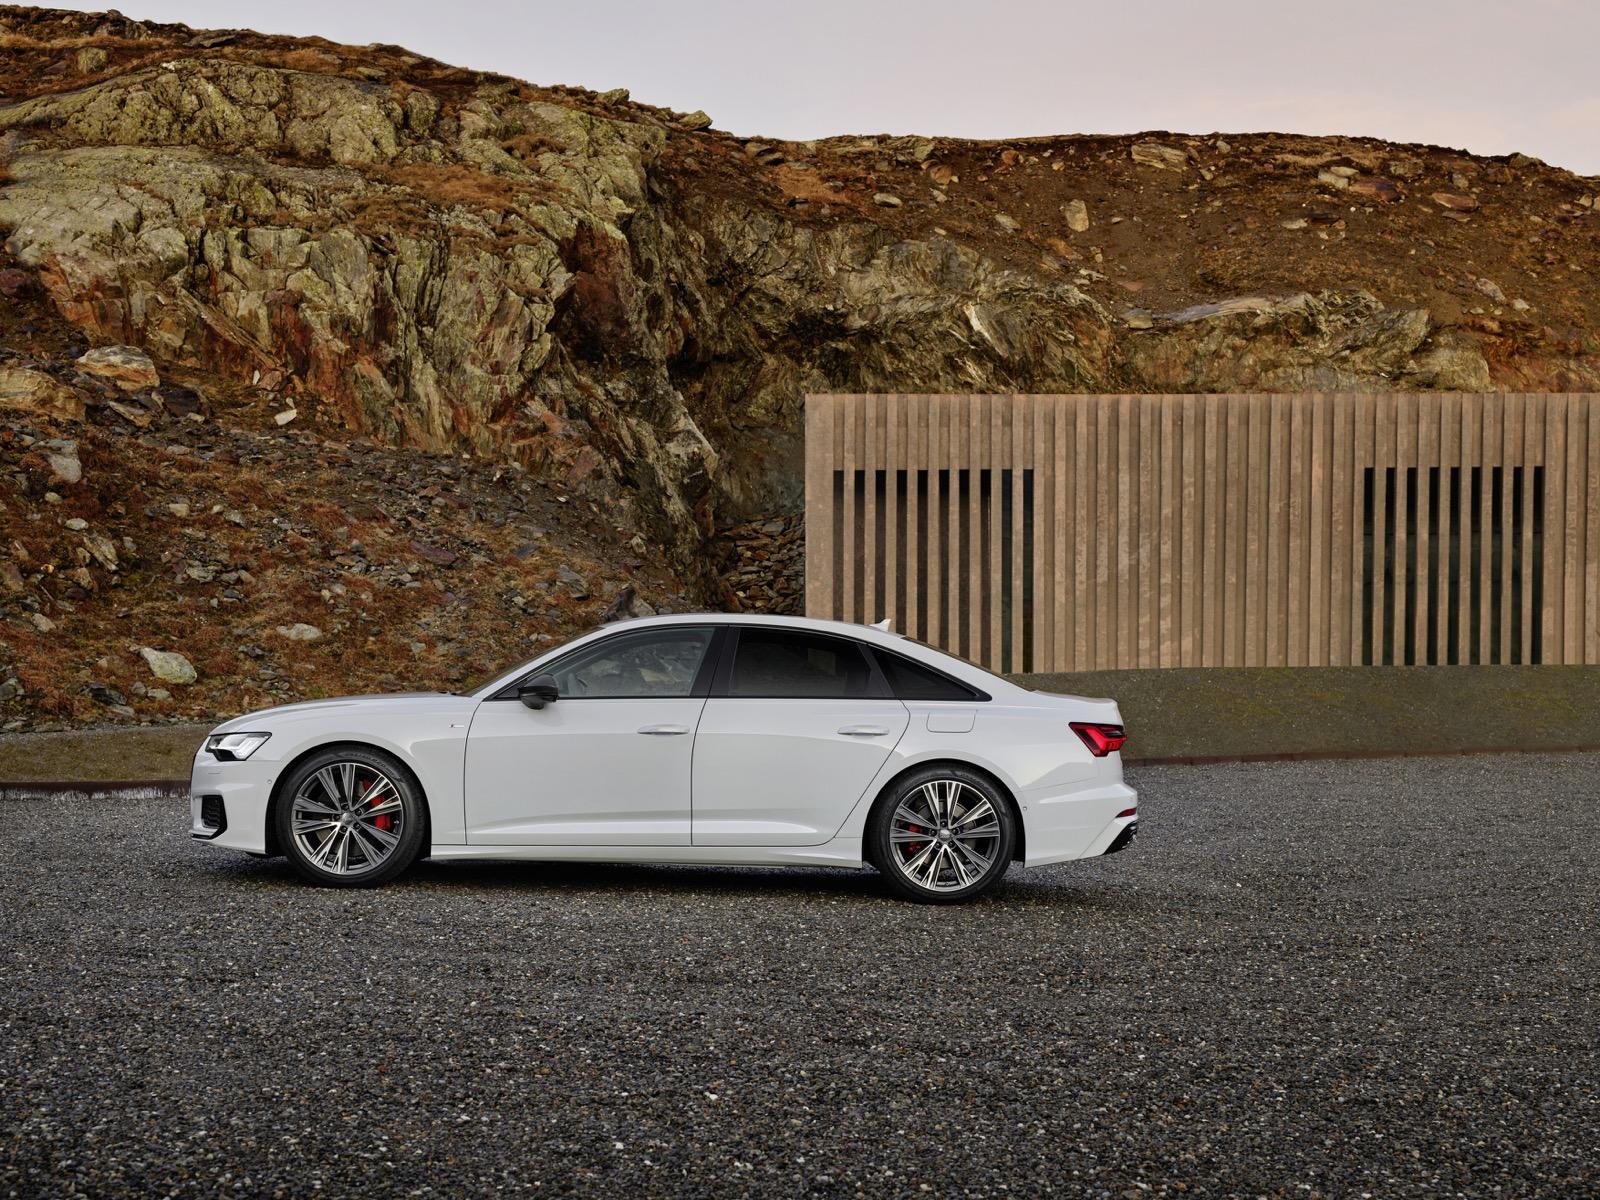 Audi A6 55 TfsiE Quattro